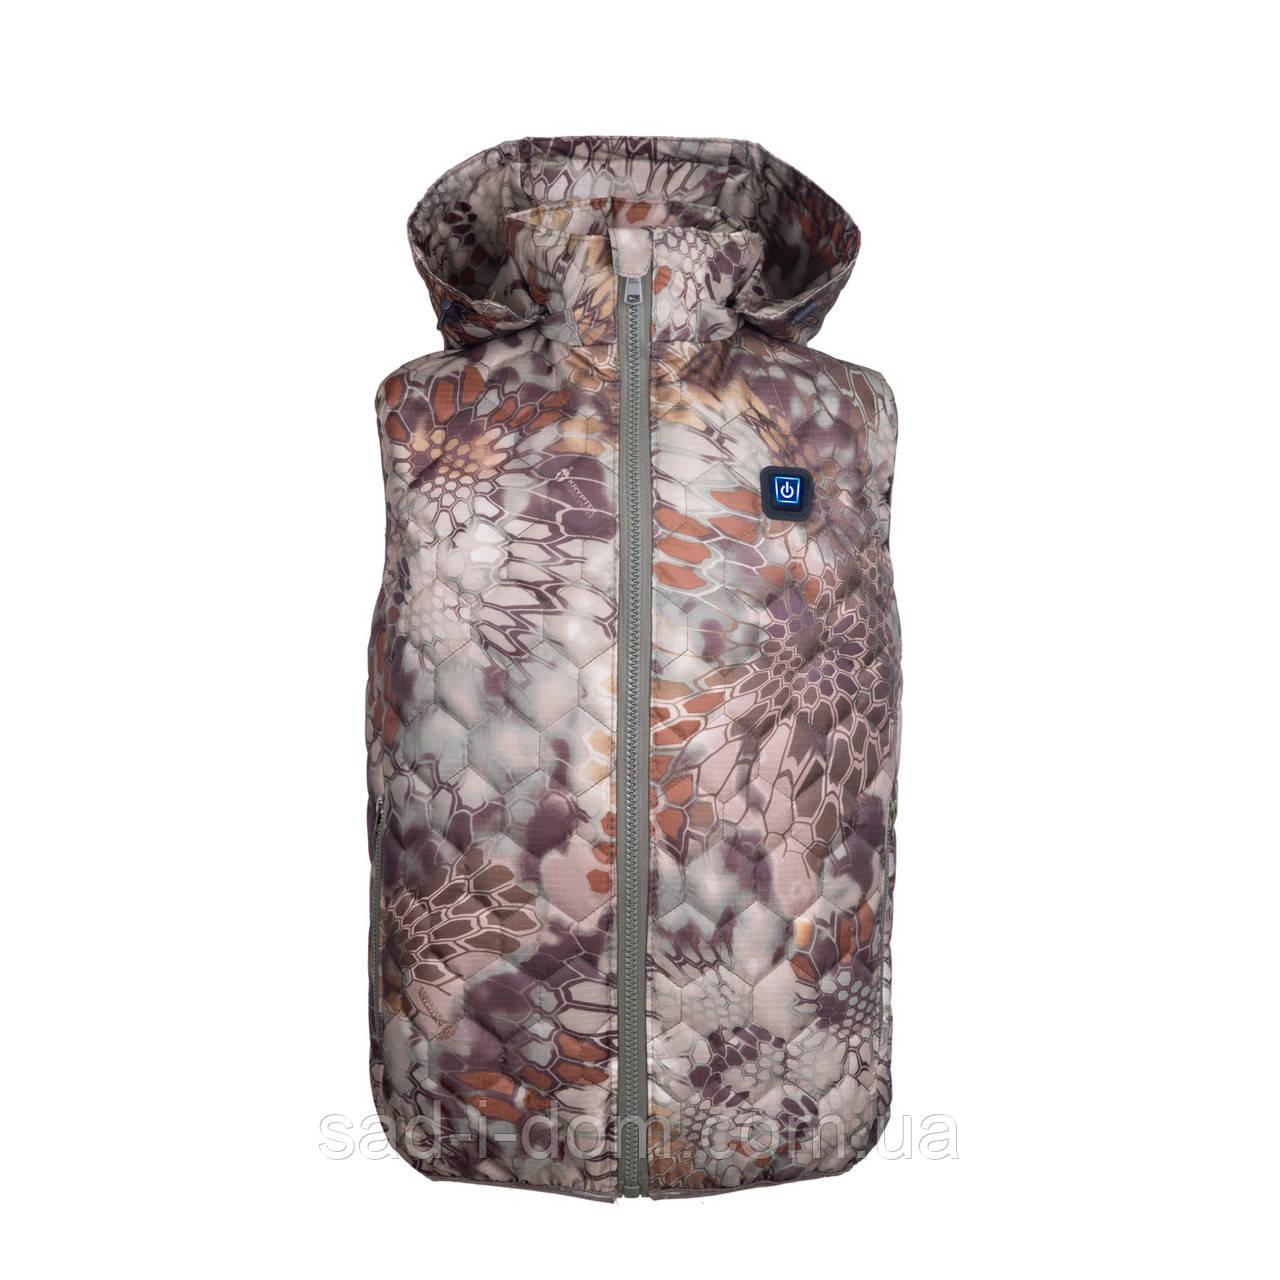 Жилет с подогревом для охоты и рыбалки  TM Теплий Пан Размер:S/M/L/XL/2XL/3XL, комуфляж